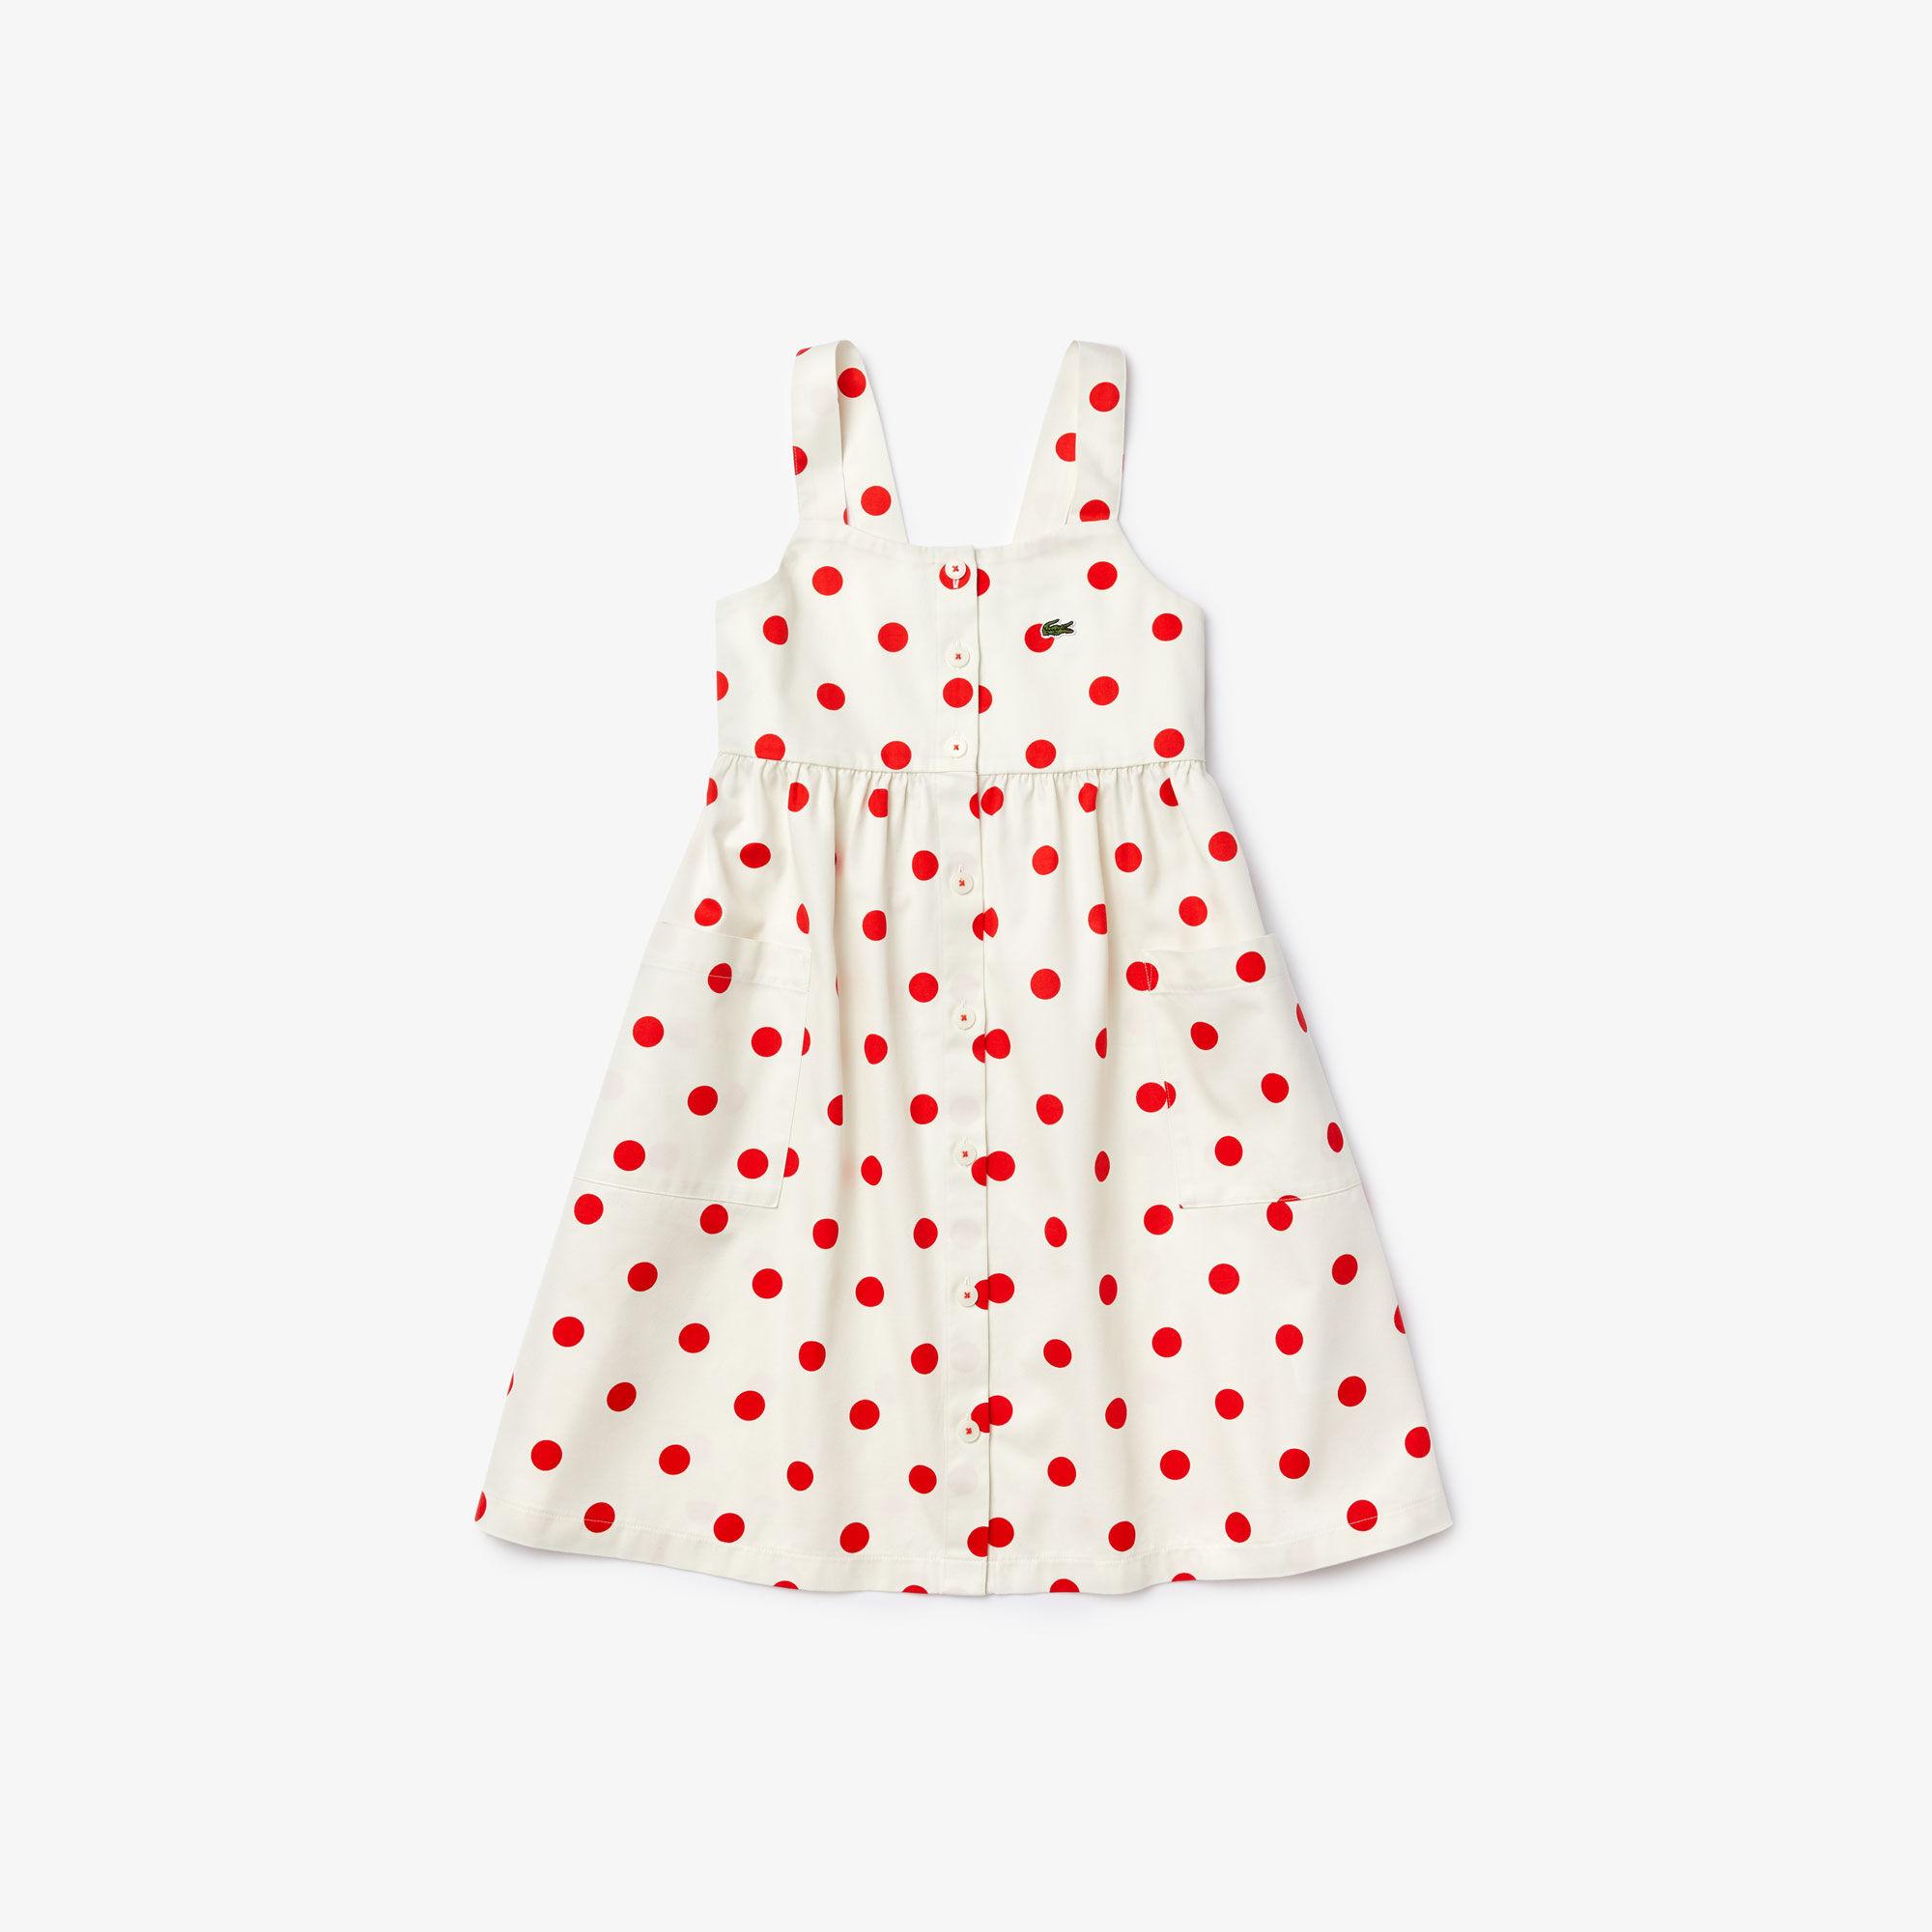 فستان من القطن من مجموعة Polka Dot للفتيات